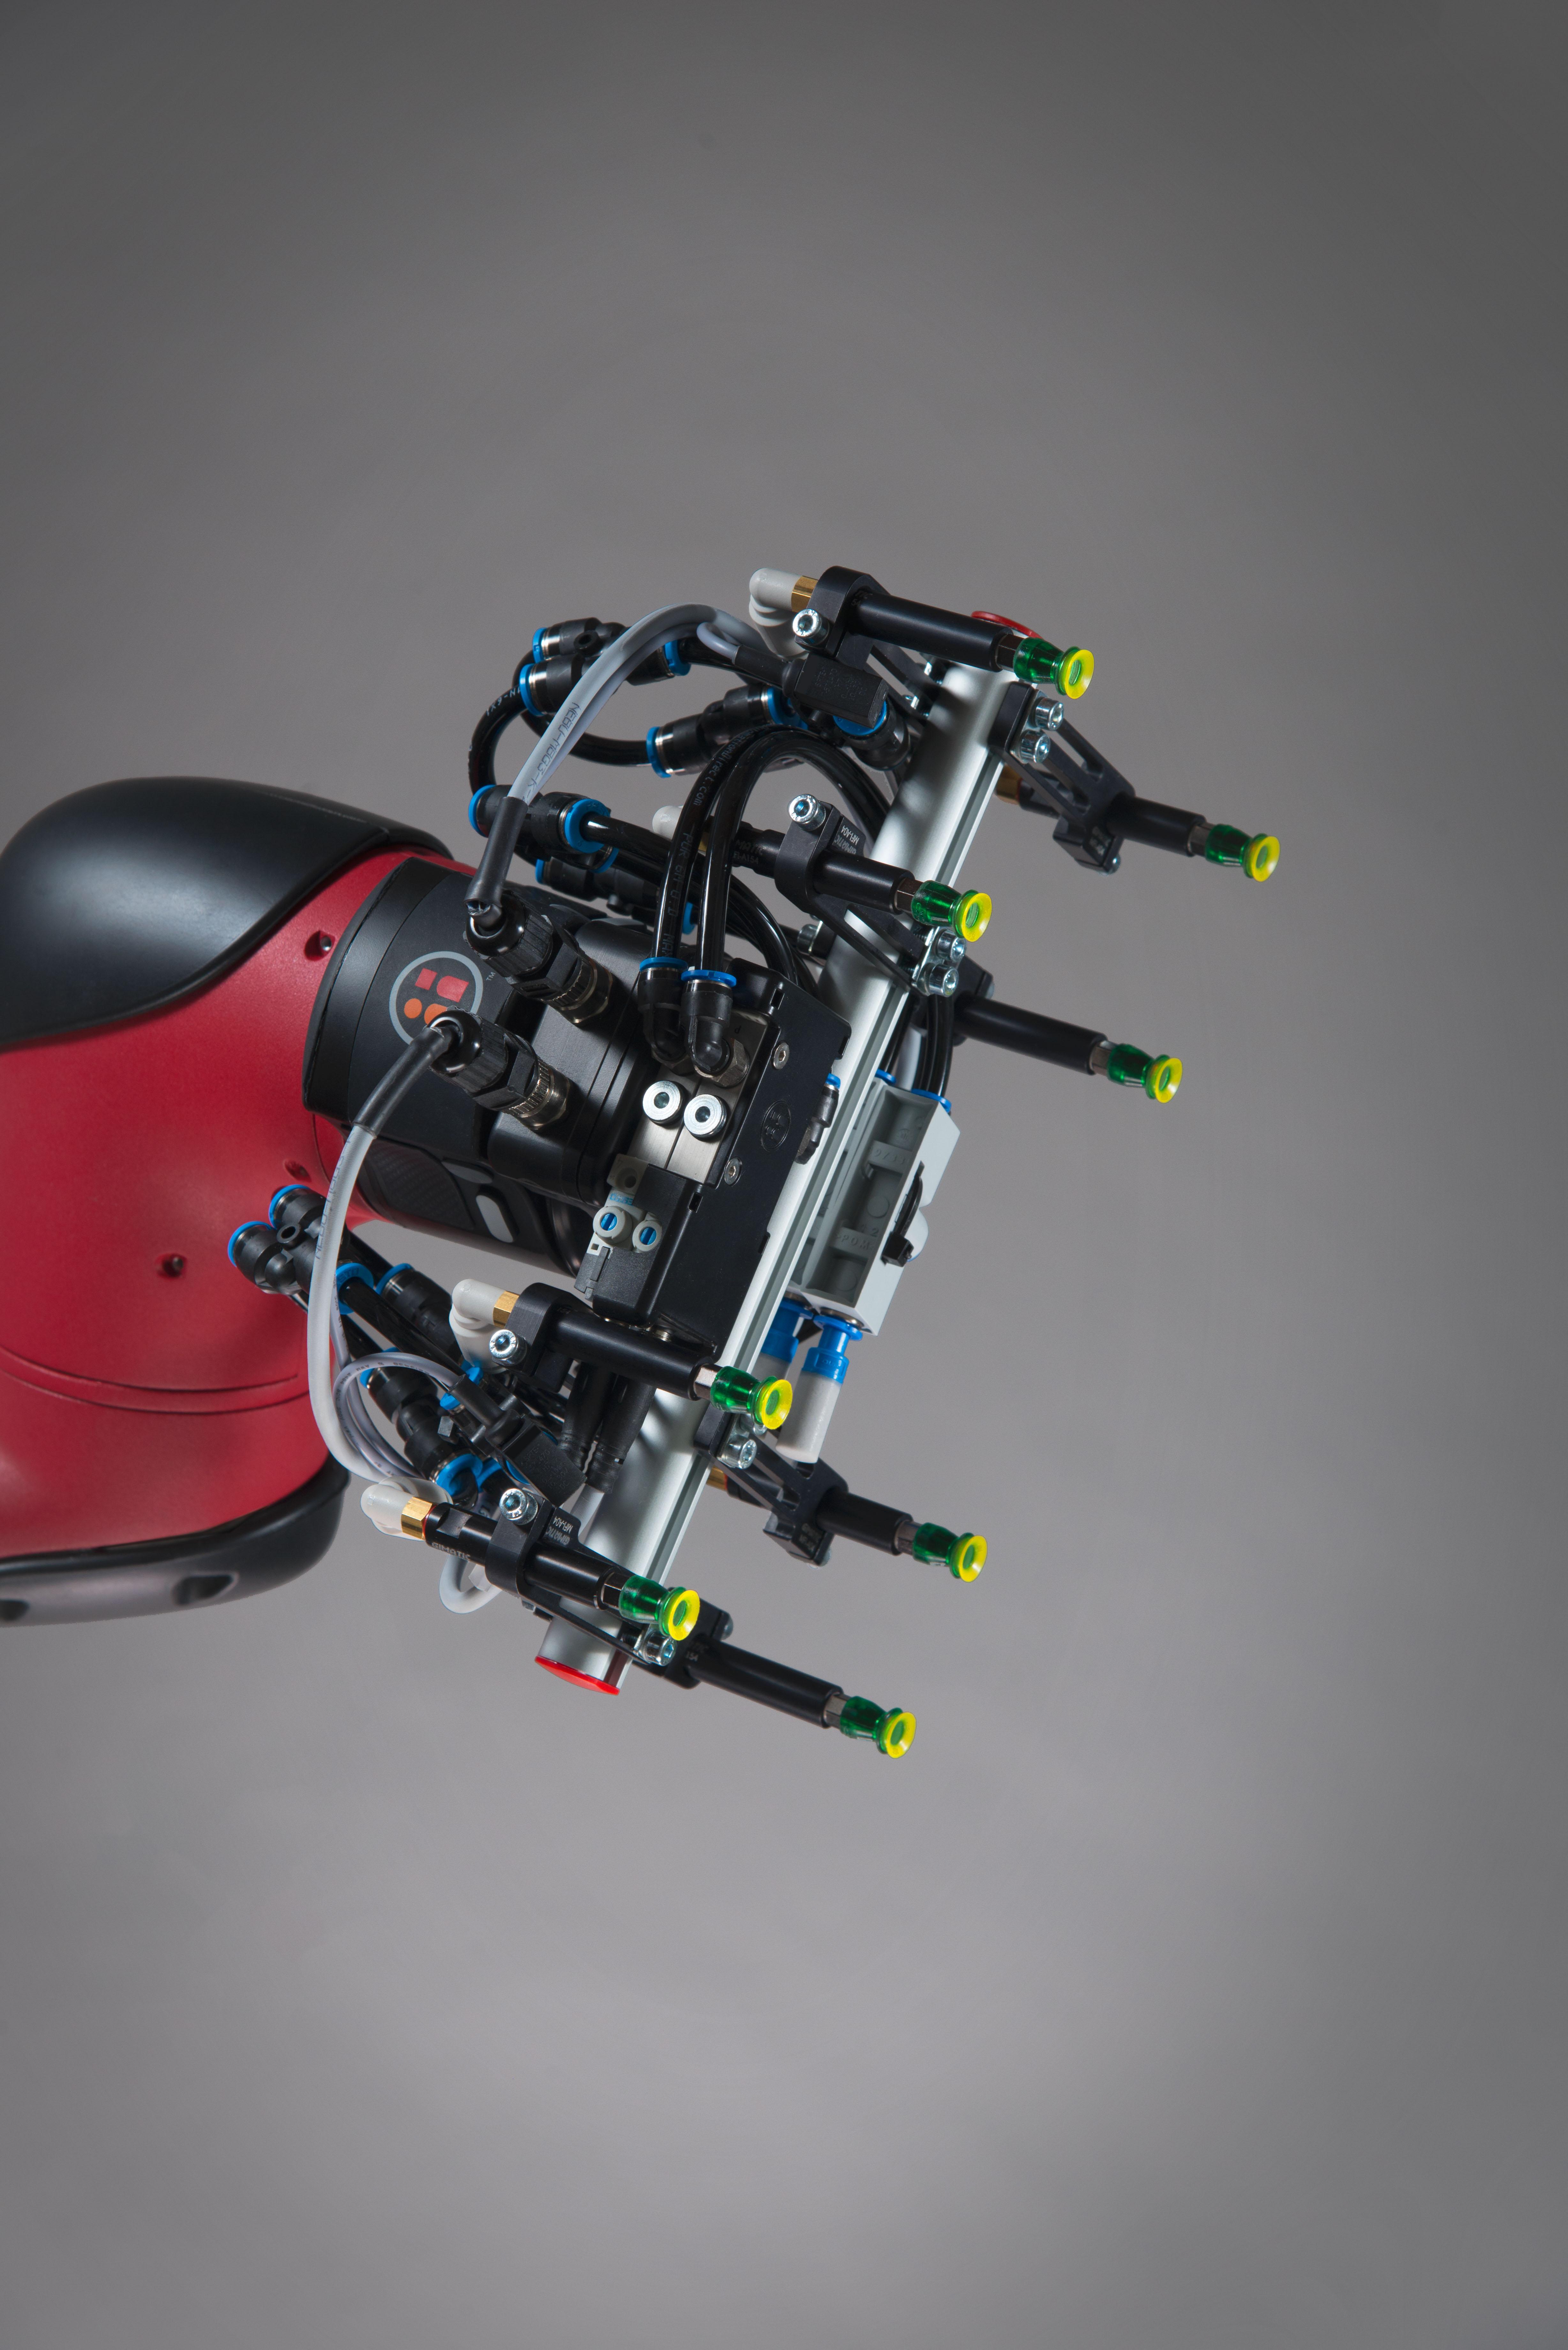 Alles im Griff: Rethink Robotics zeigt erweitertes Greiferportfolio für Cobot Sawyer auf der Automatica